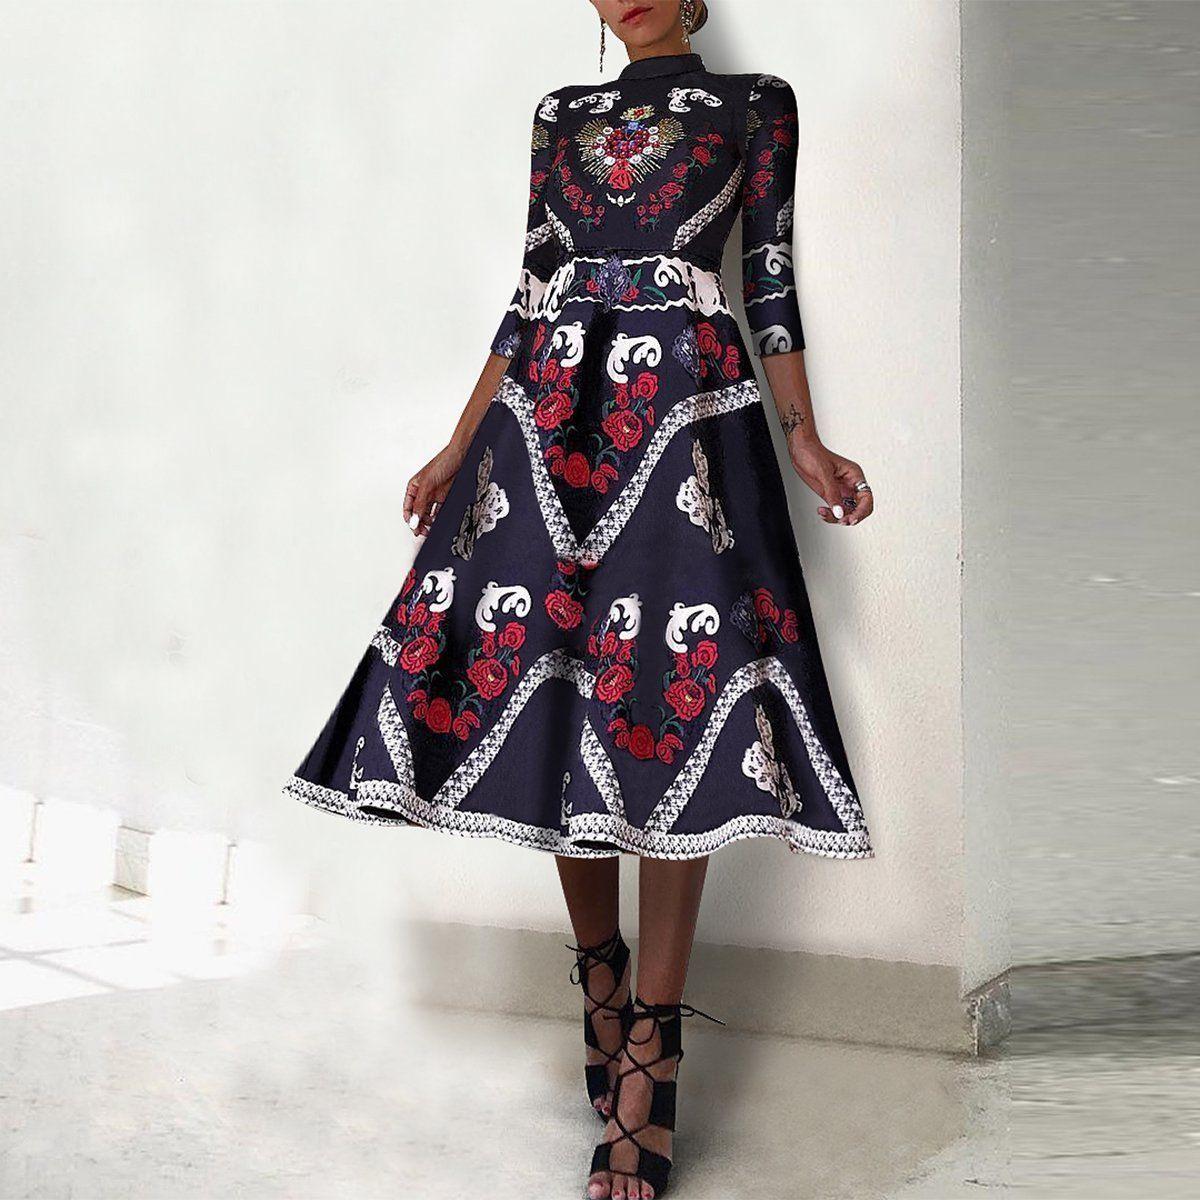 Spektakulär Halblange Kleider Mode Galerie20 Top Halblange Kleider Mode Galerie